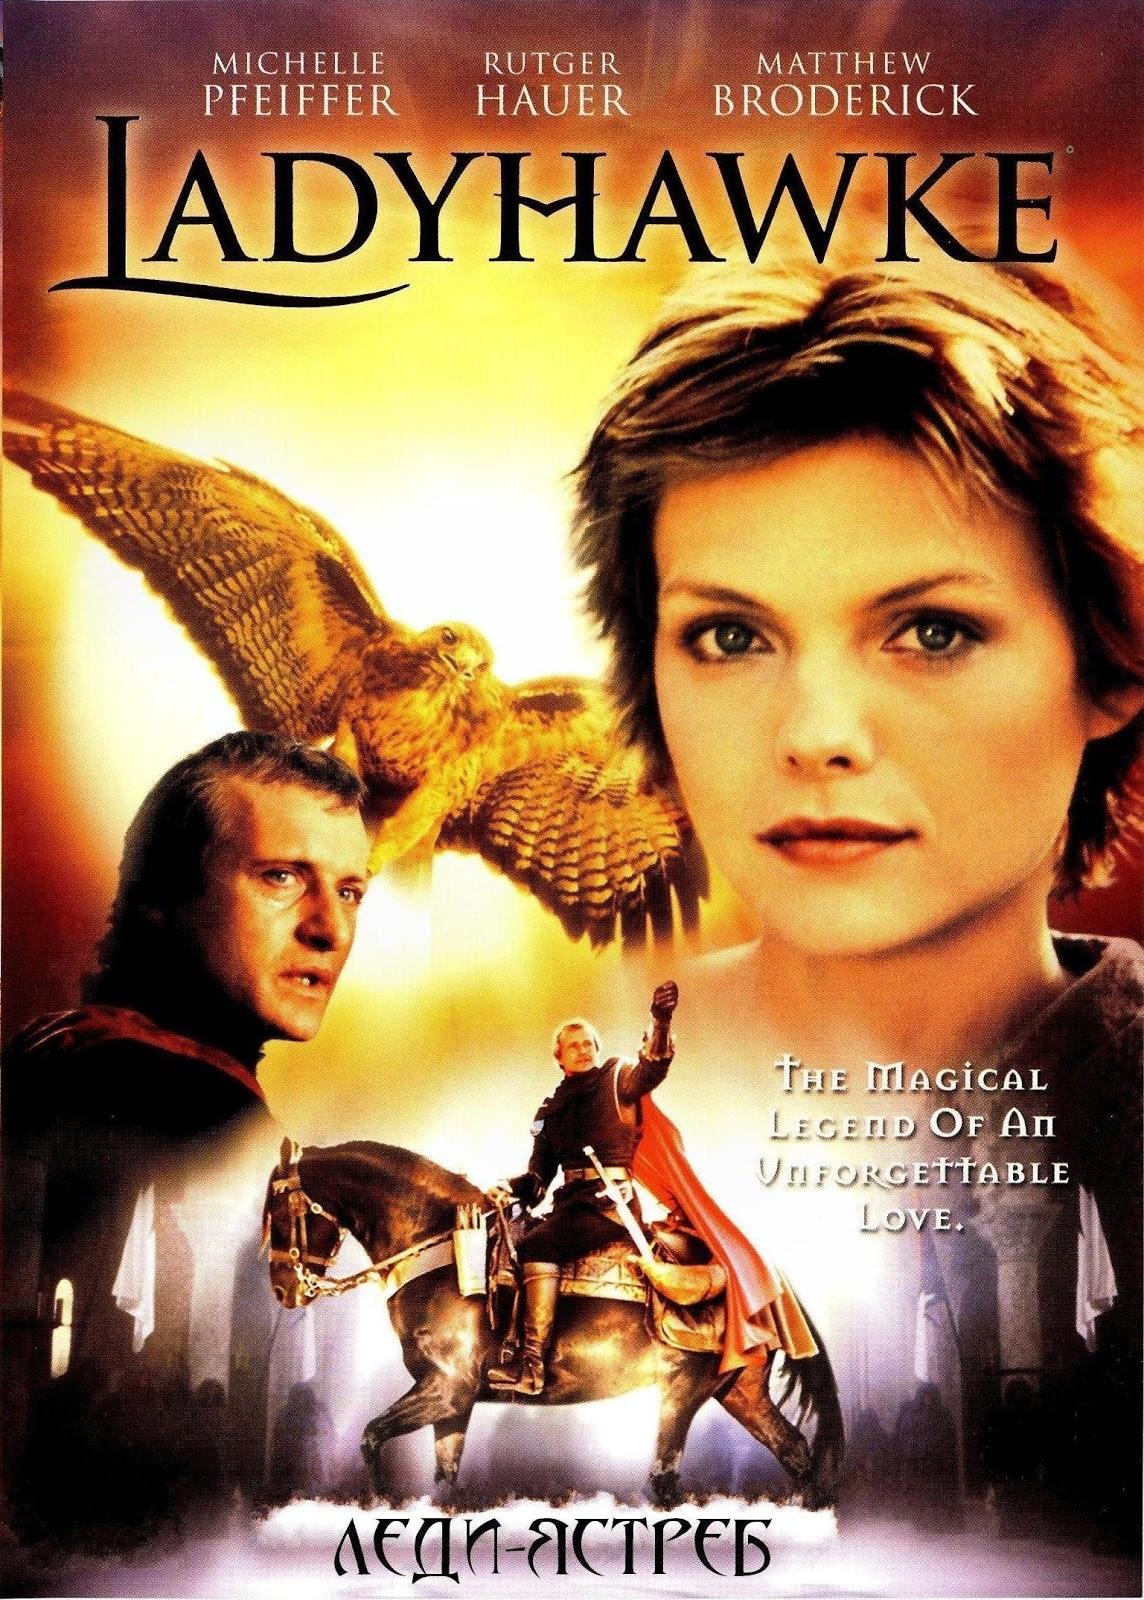 Ladyhawke (Lady Hawke) (1985)